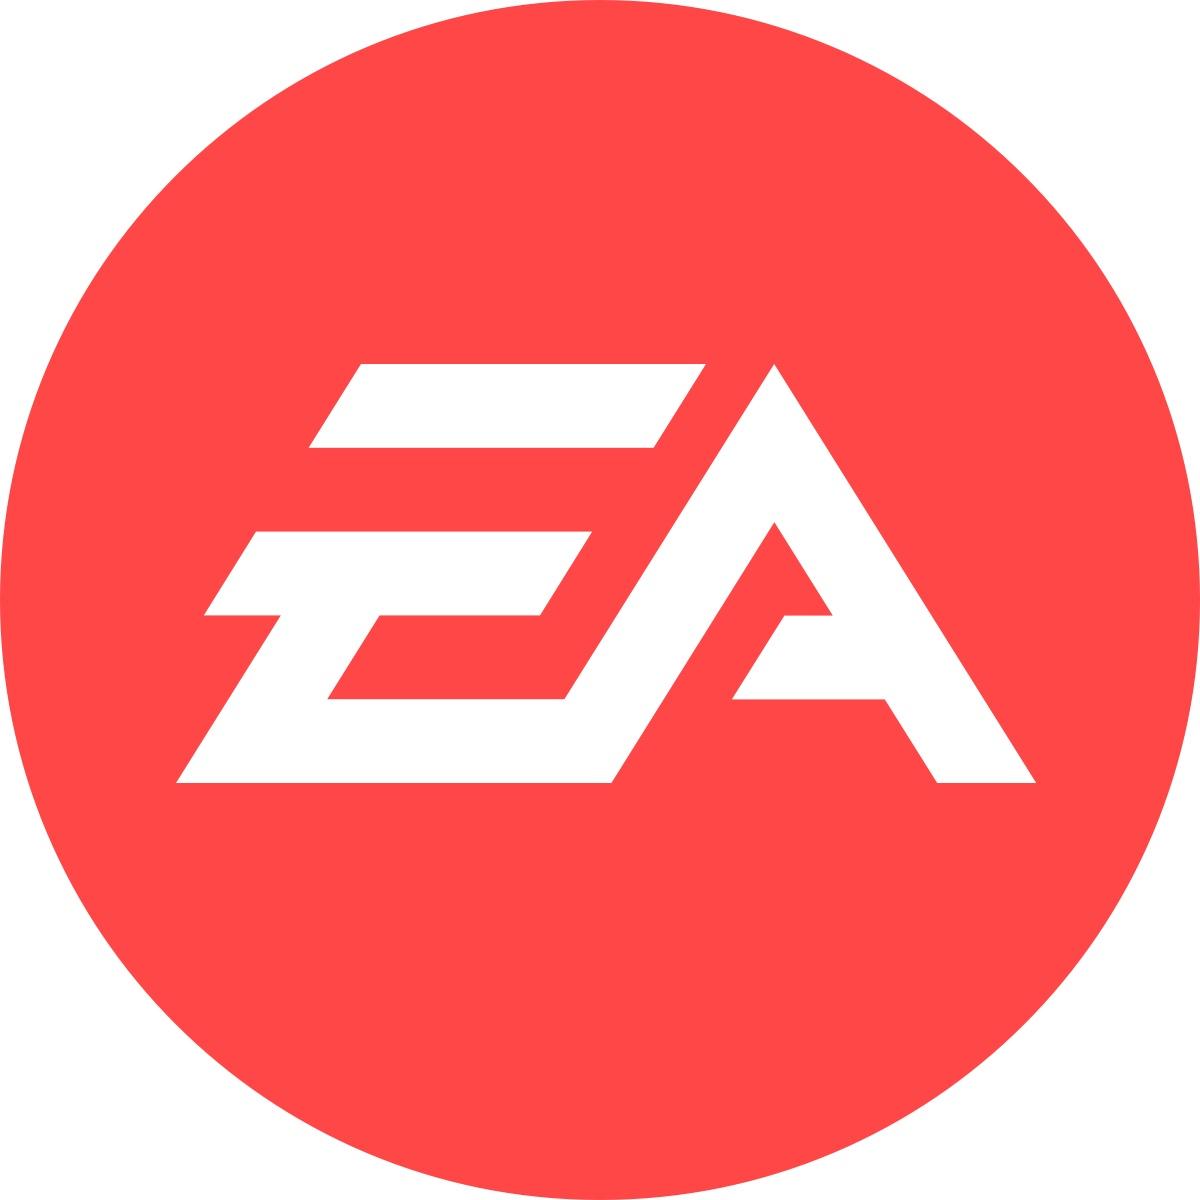 electronic arts logo 2020